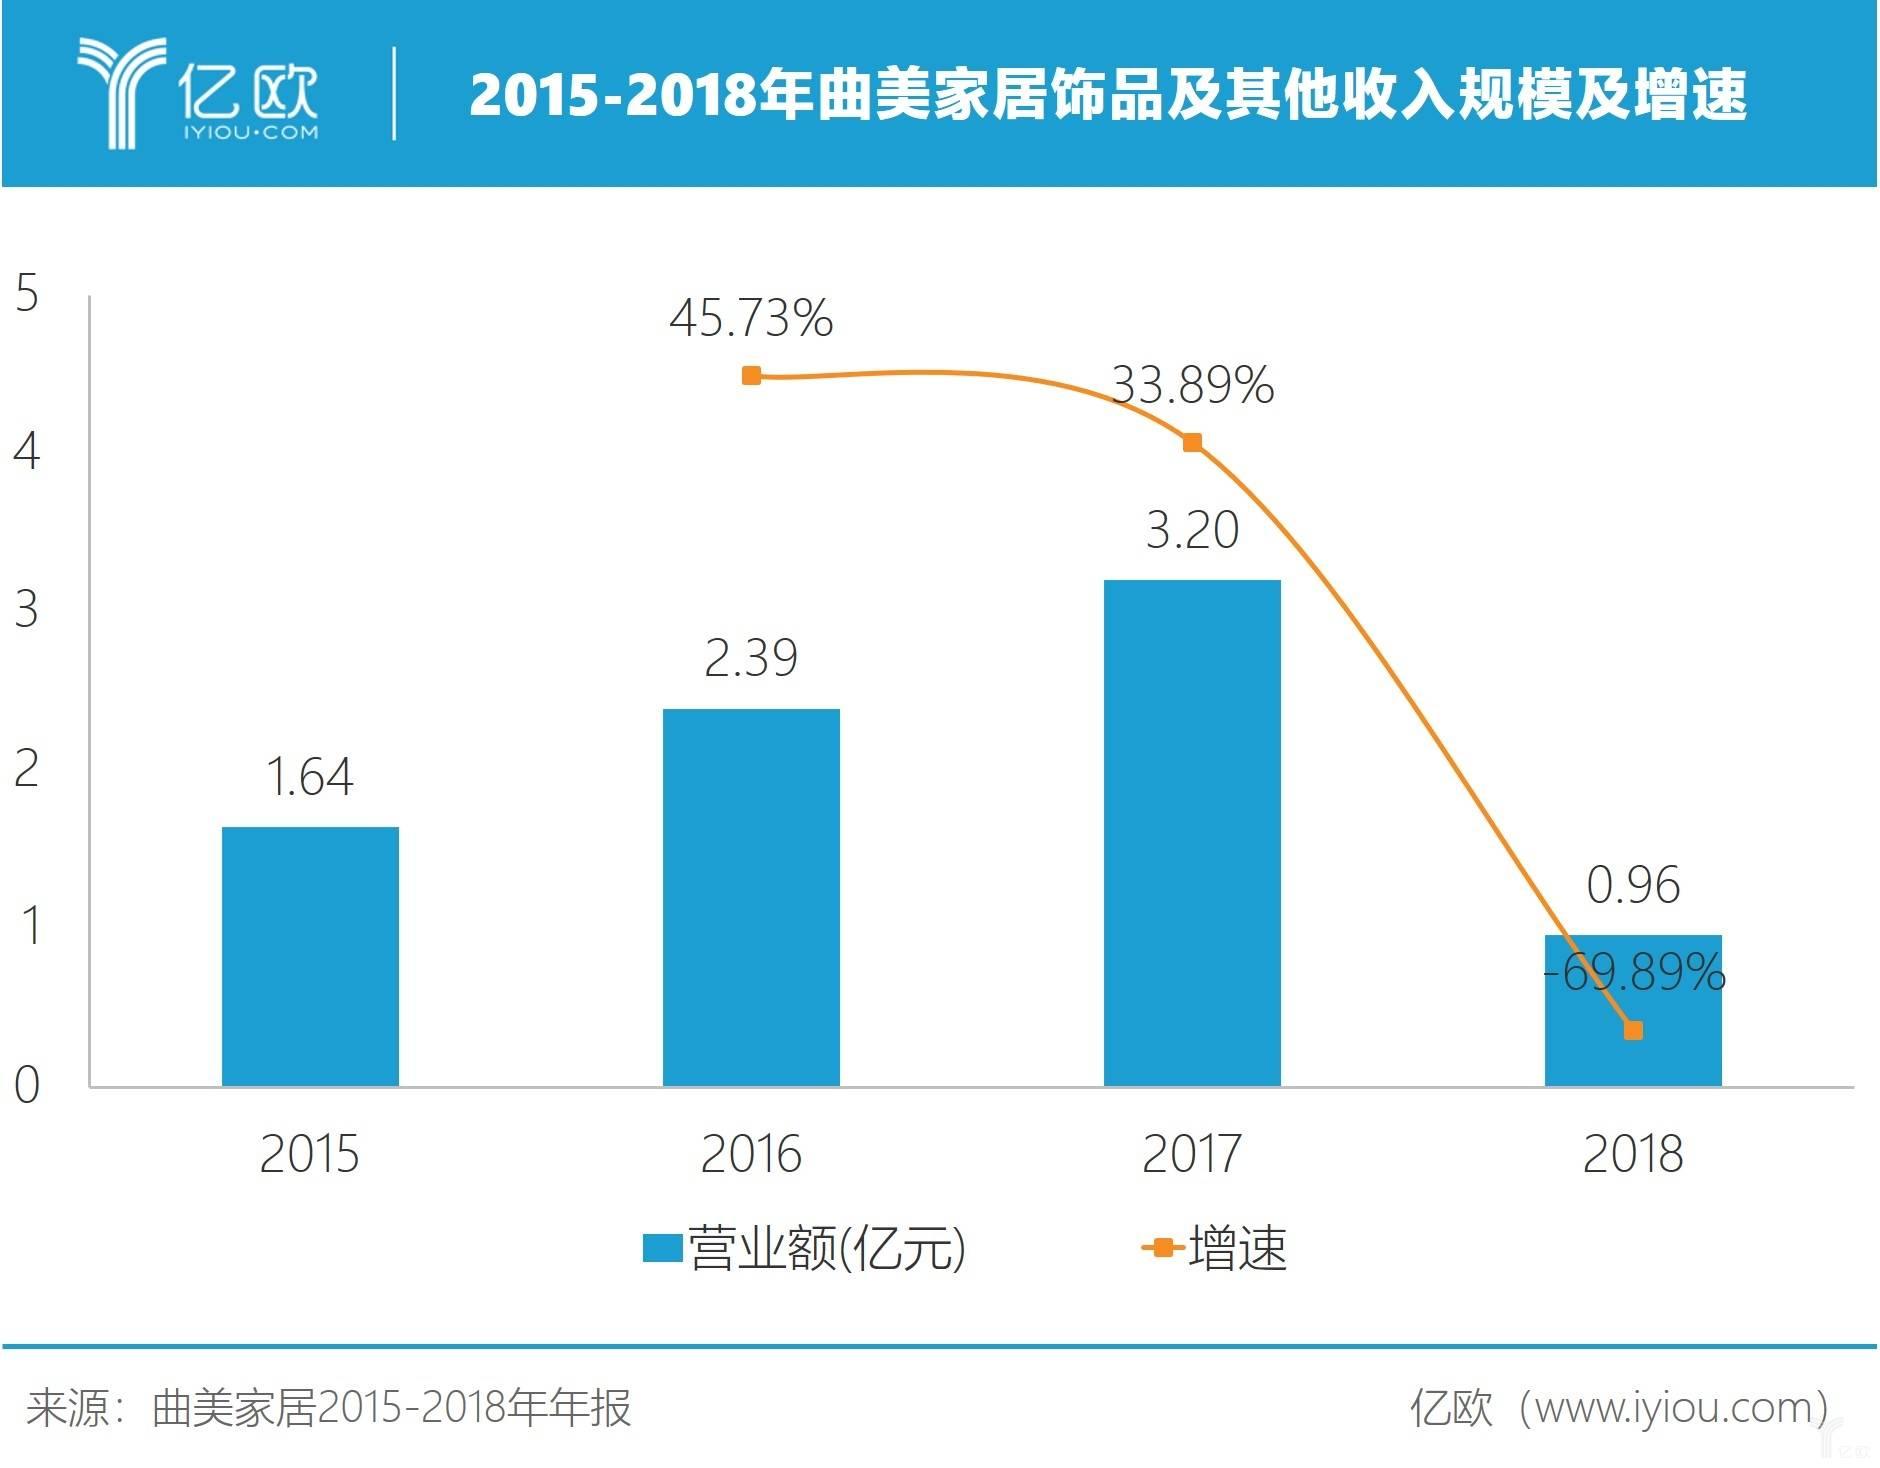 2015-2018年曲美家居飾品及其他收入規模及增速。